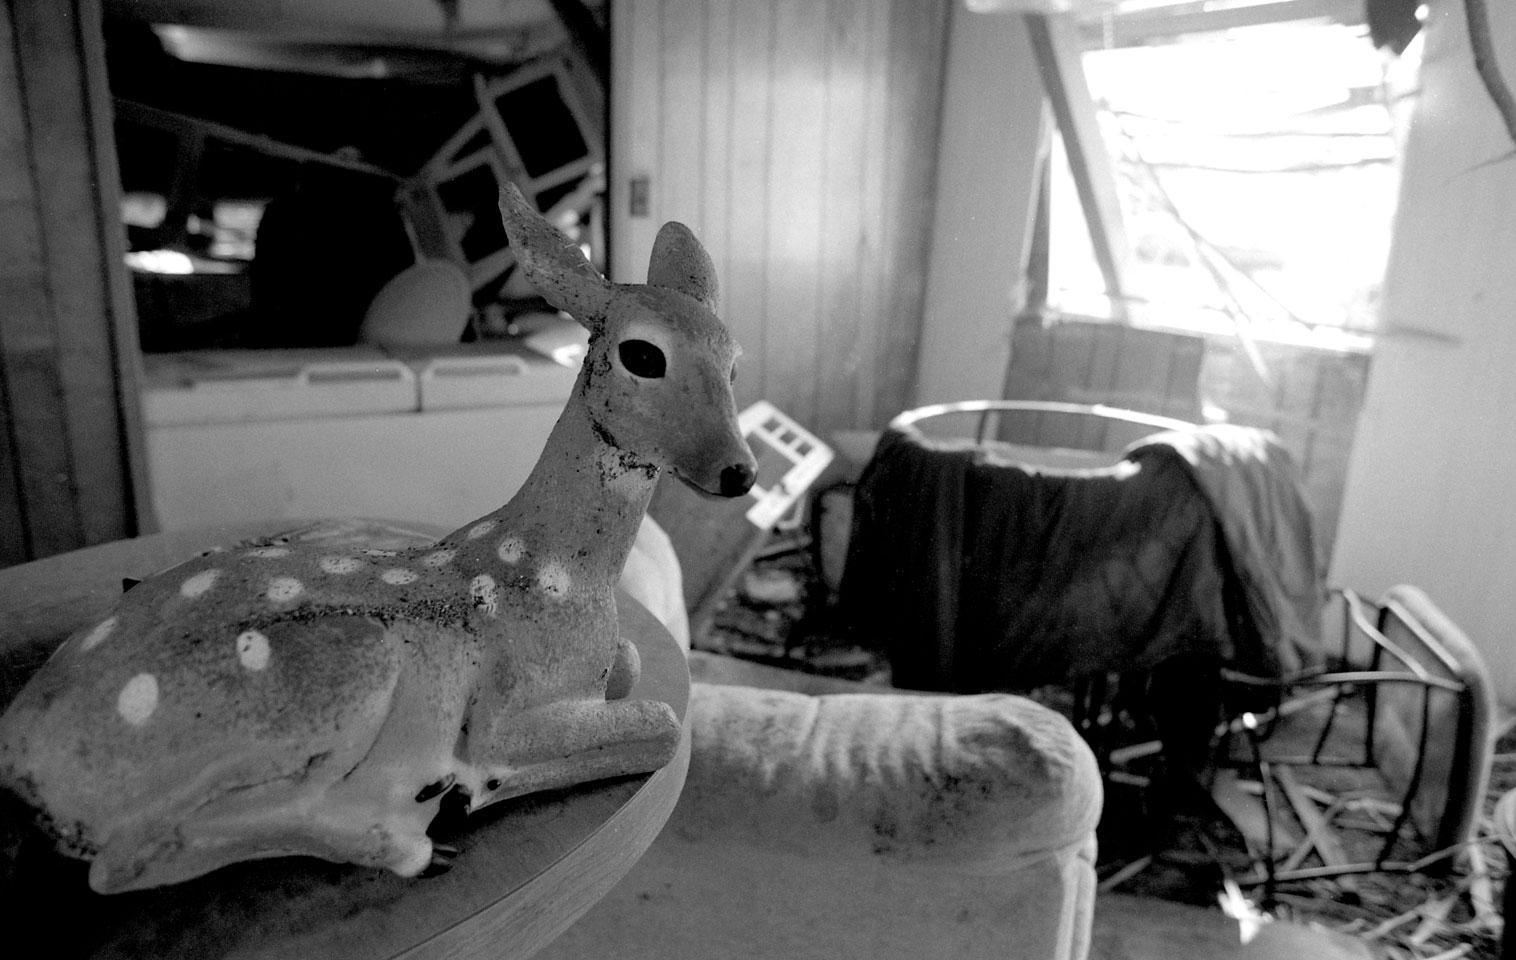 Deer In Trailer Home